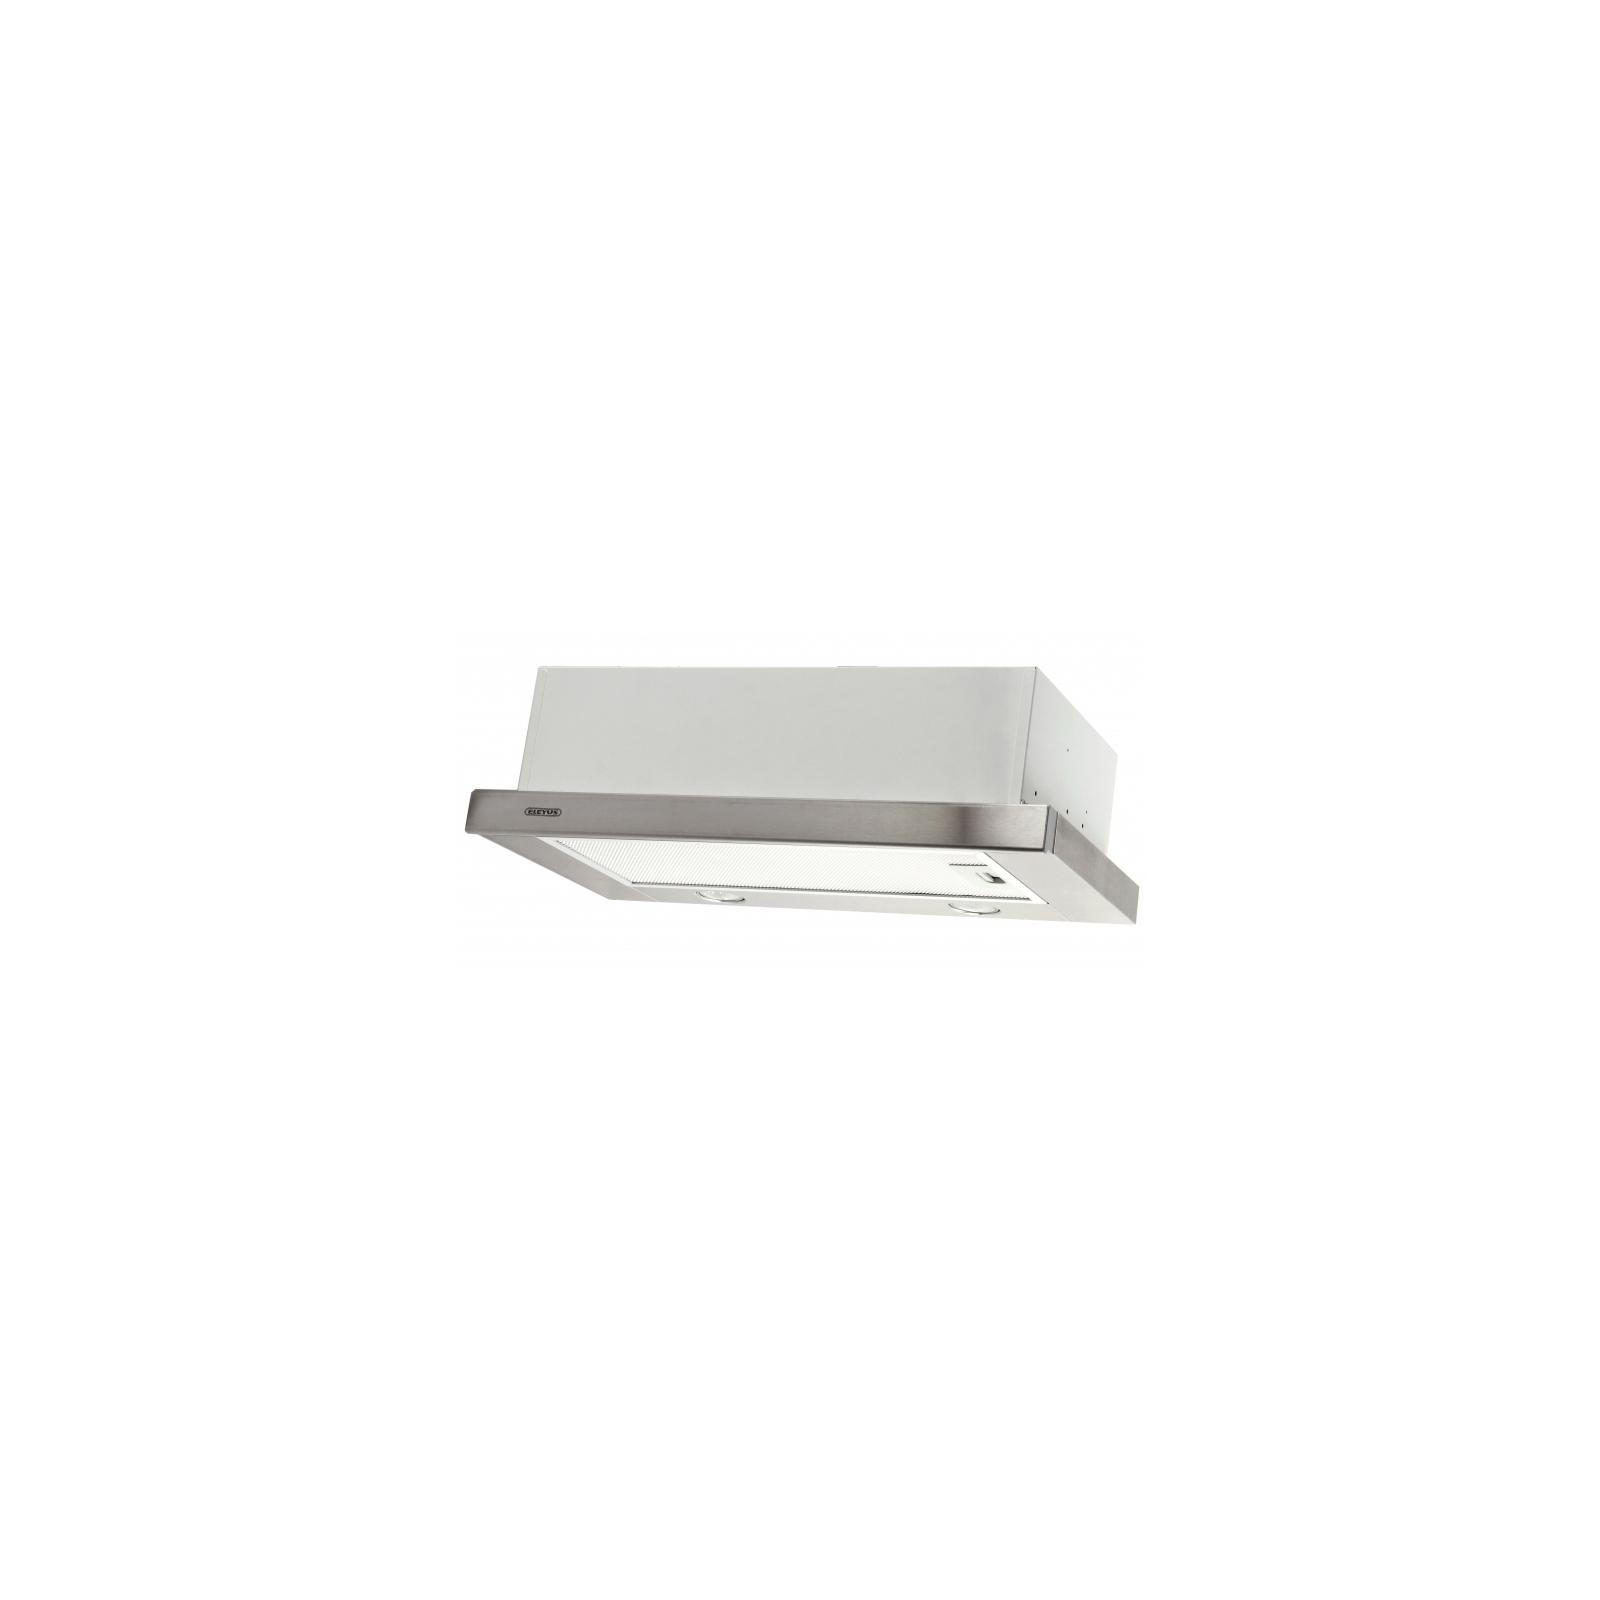 Вытяжка кухонная ELEYUS Storm 960 50 IS изображение 7